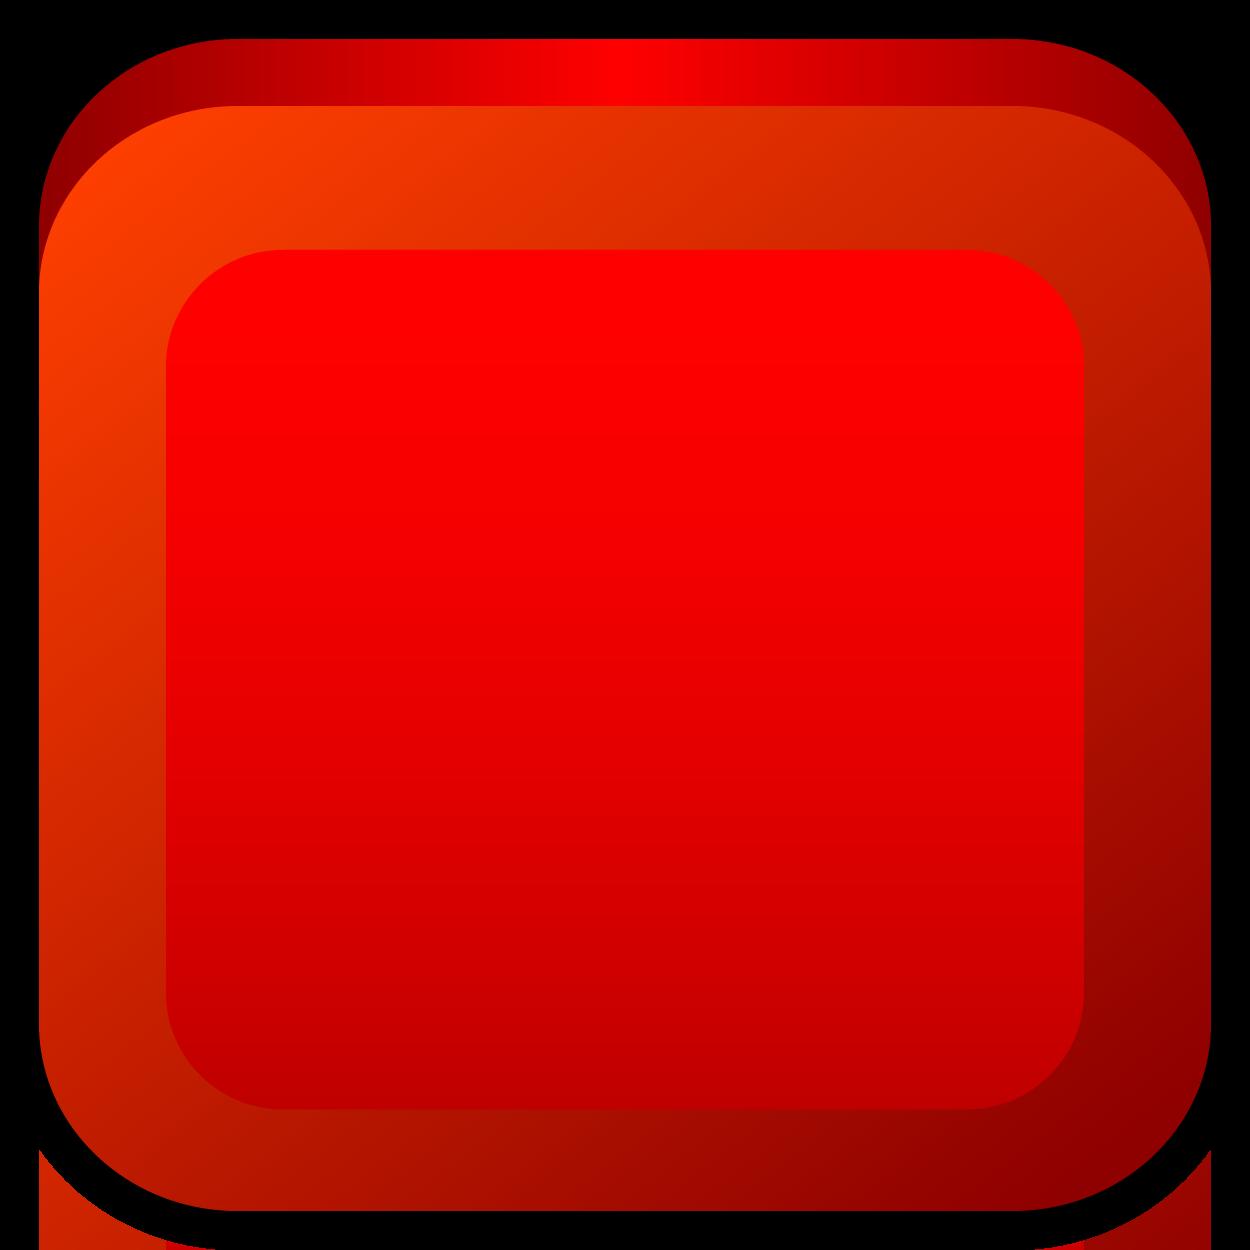 transparent black square - 525×525